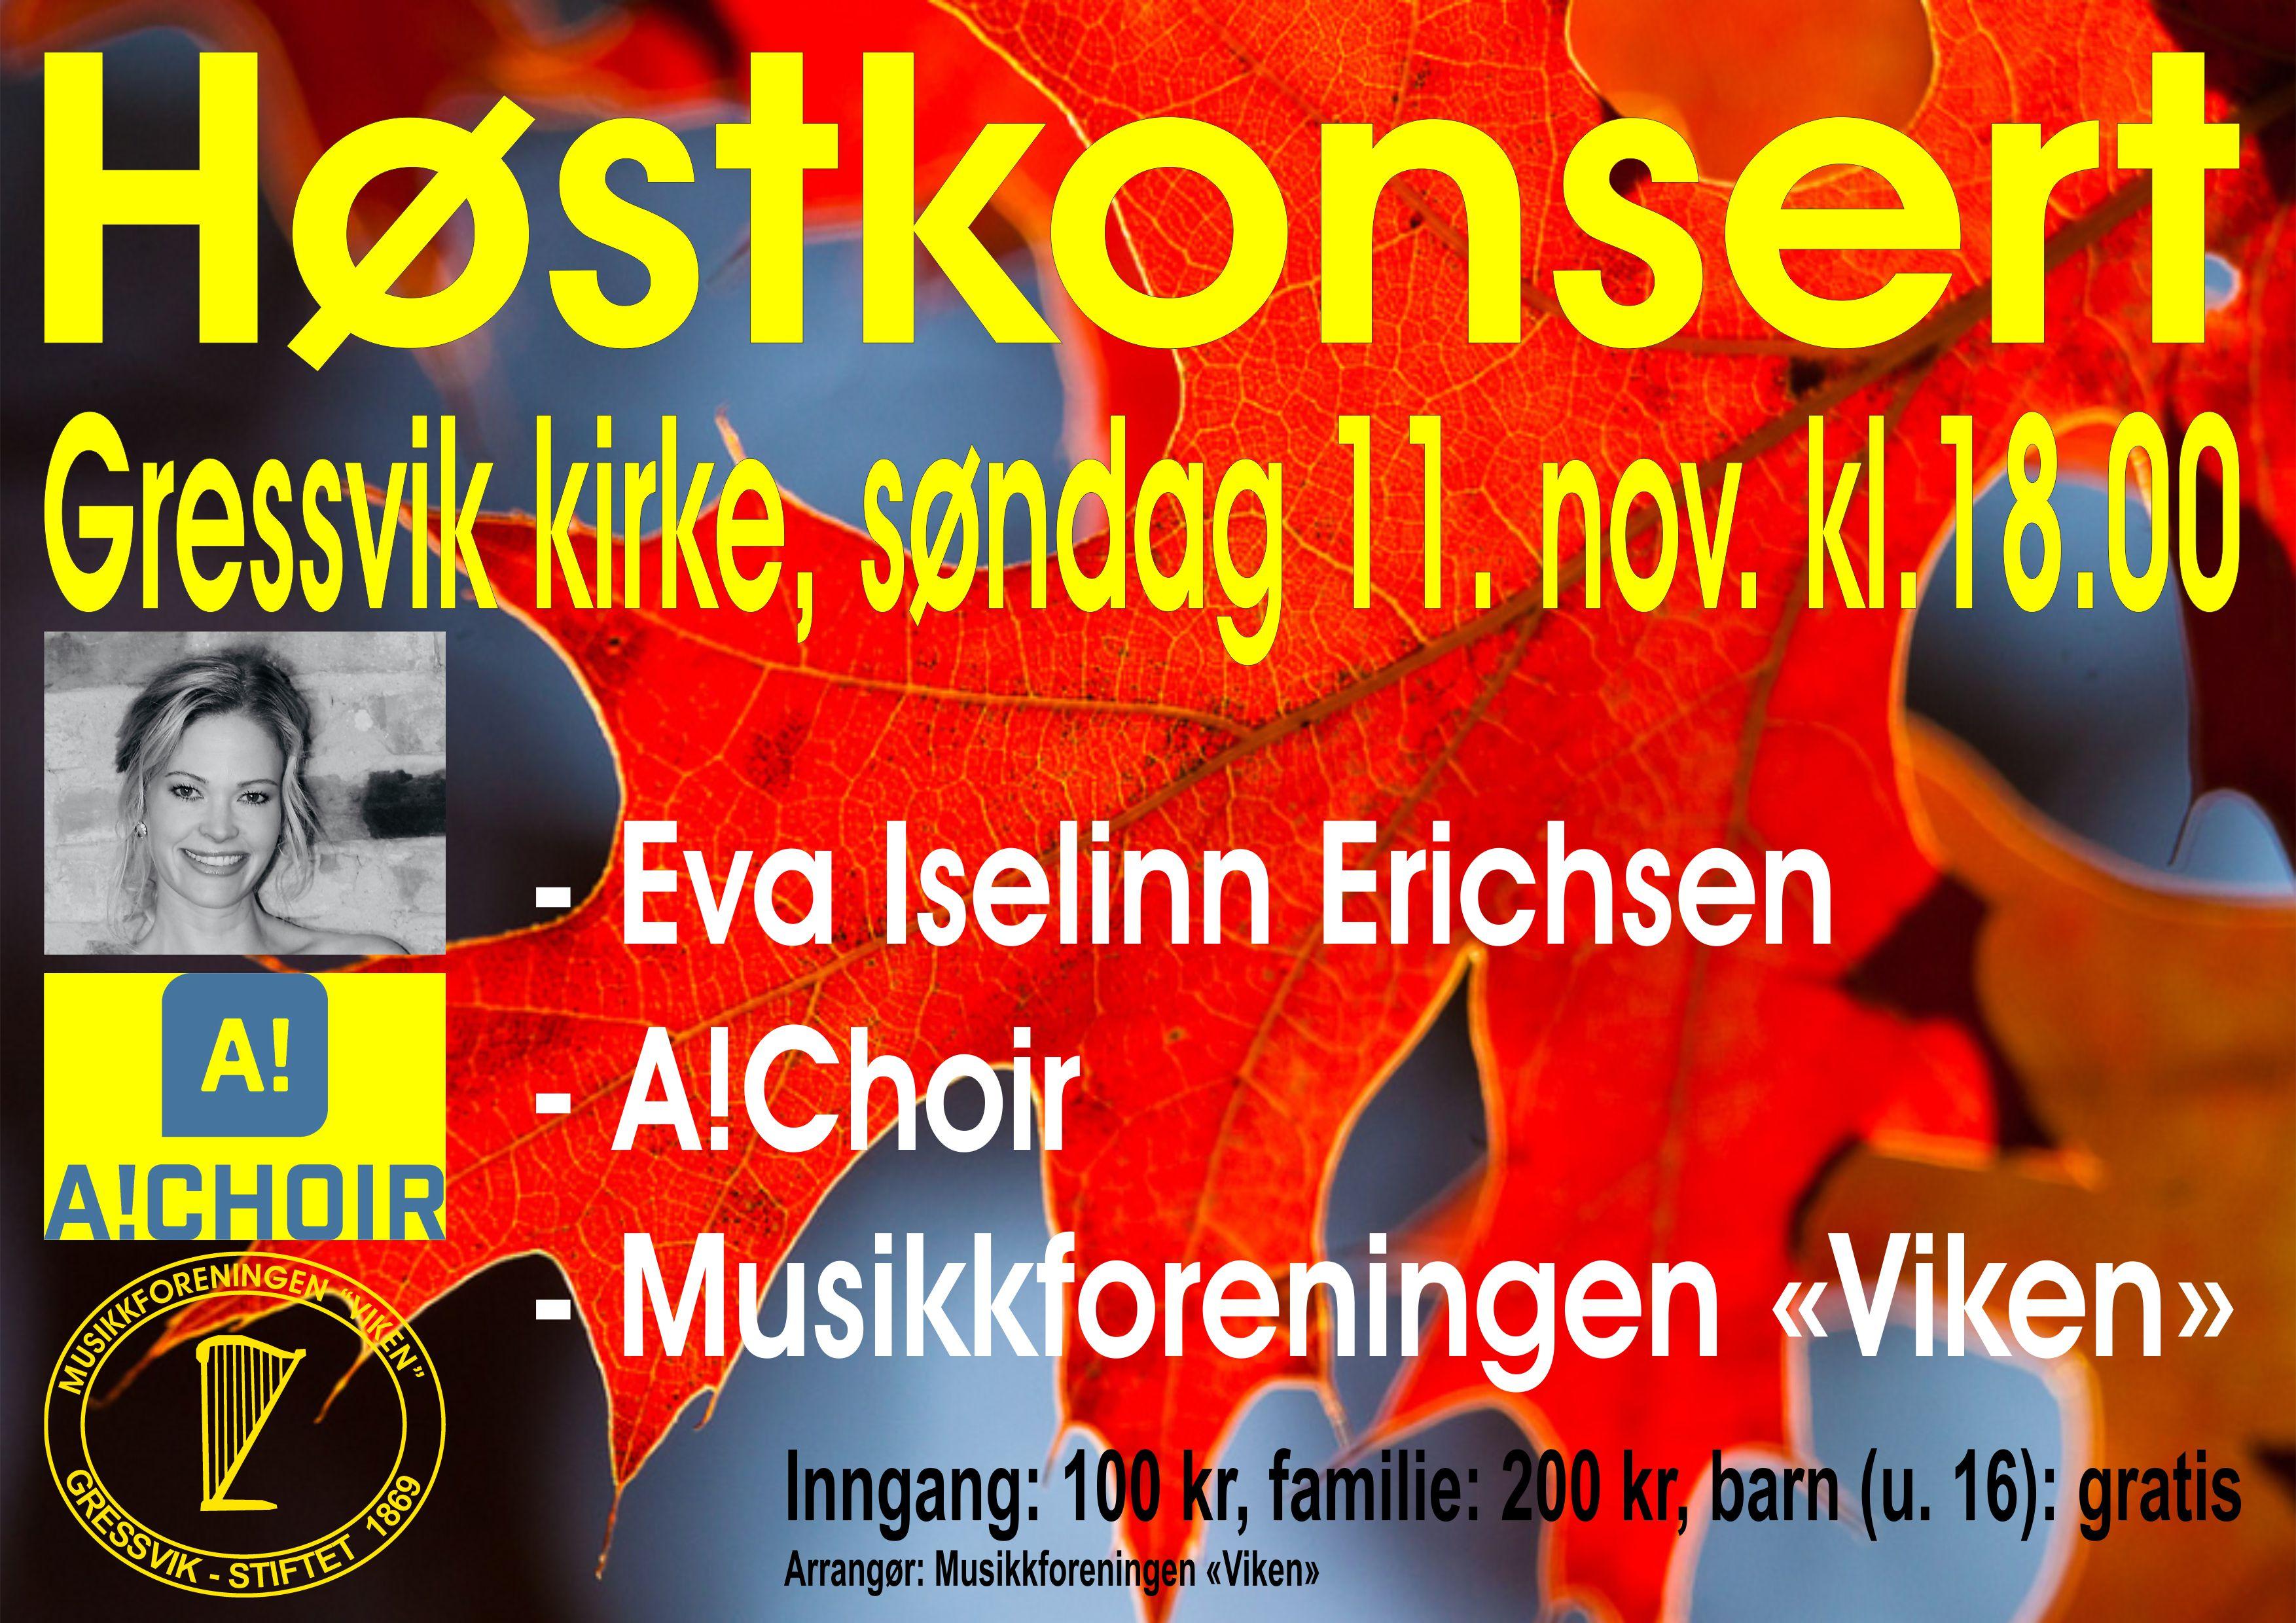 Høstkonsert 11.11.18-plakat